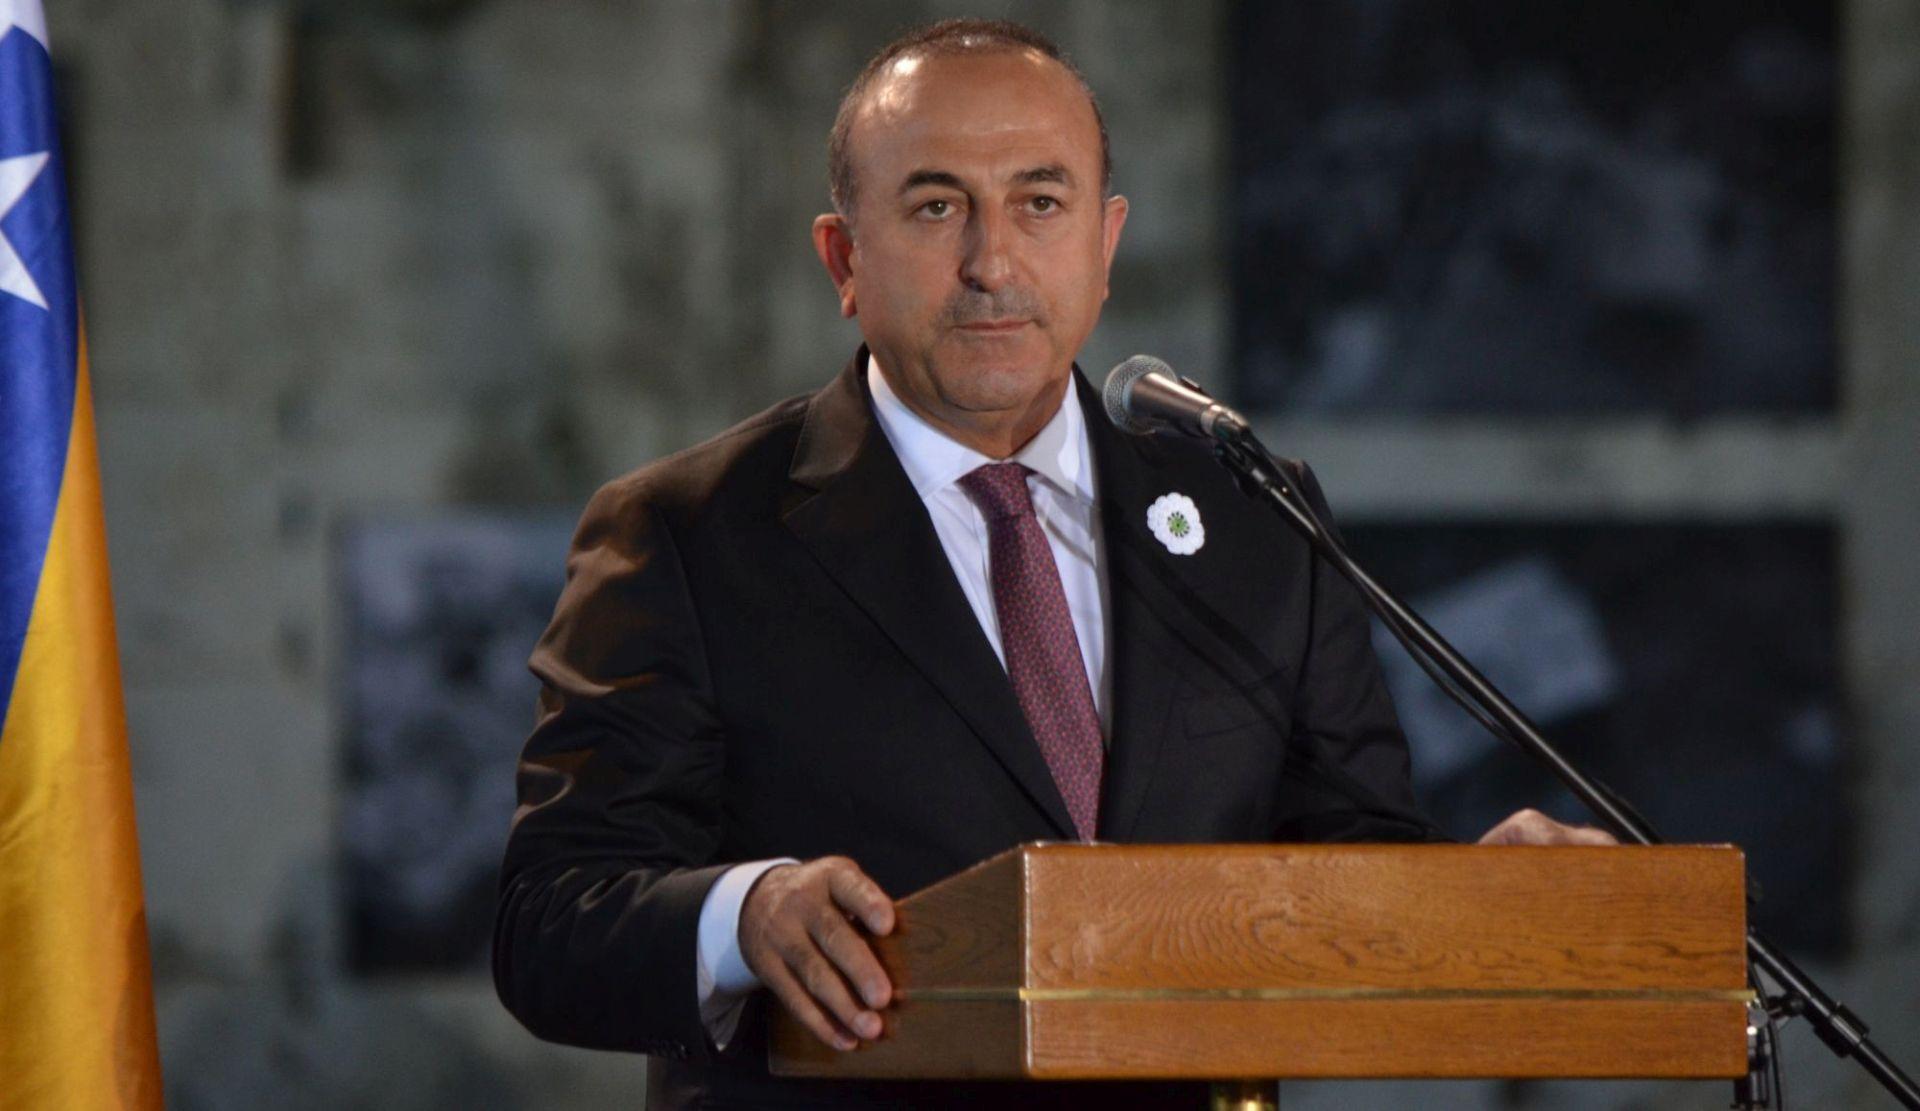 """CAVUSOGLU U STRASBOURGU: Turska će """"transparentno"""" suditi krivcima za puč"""